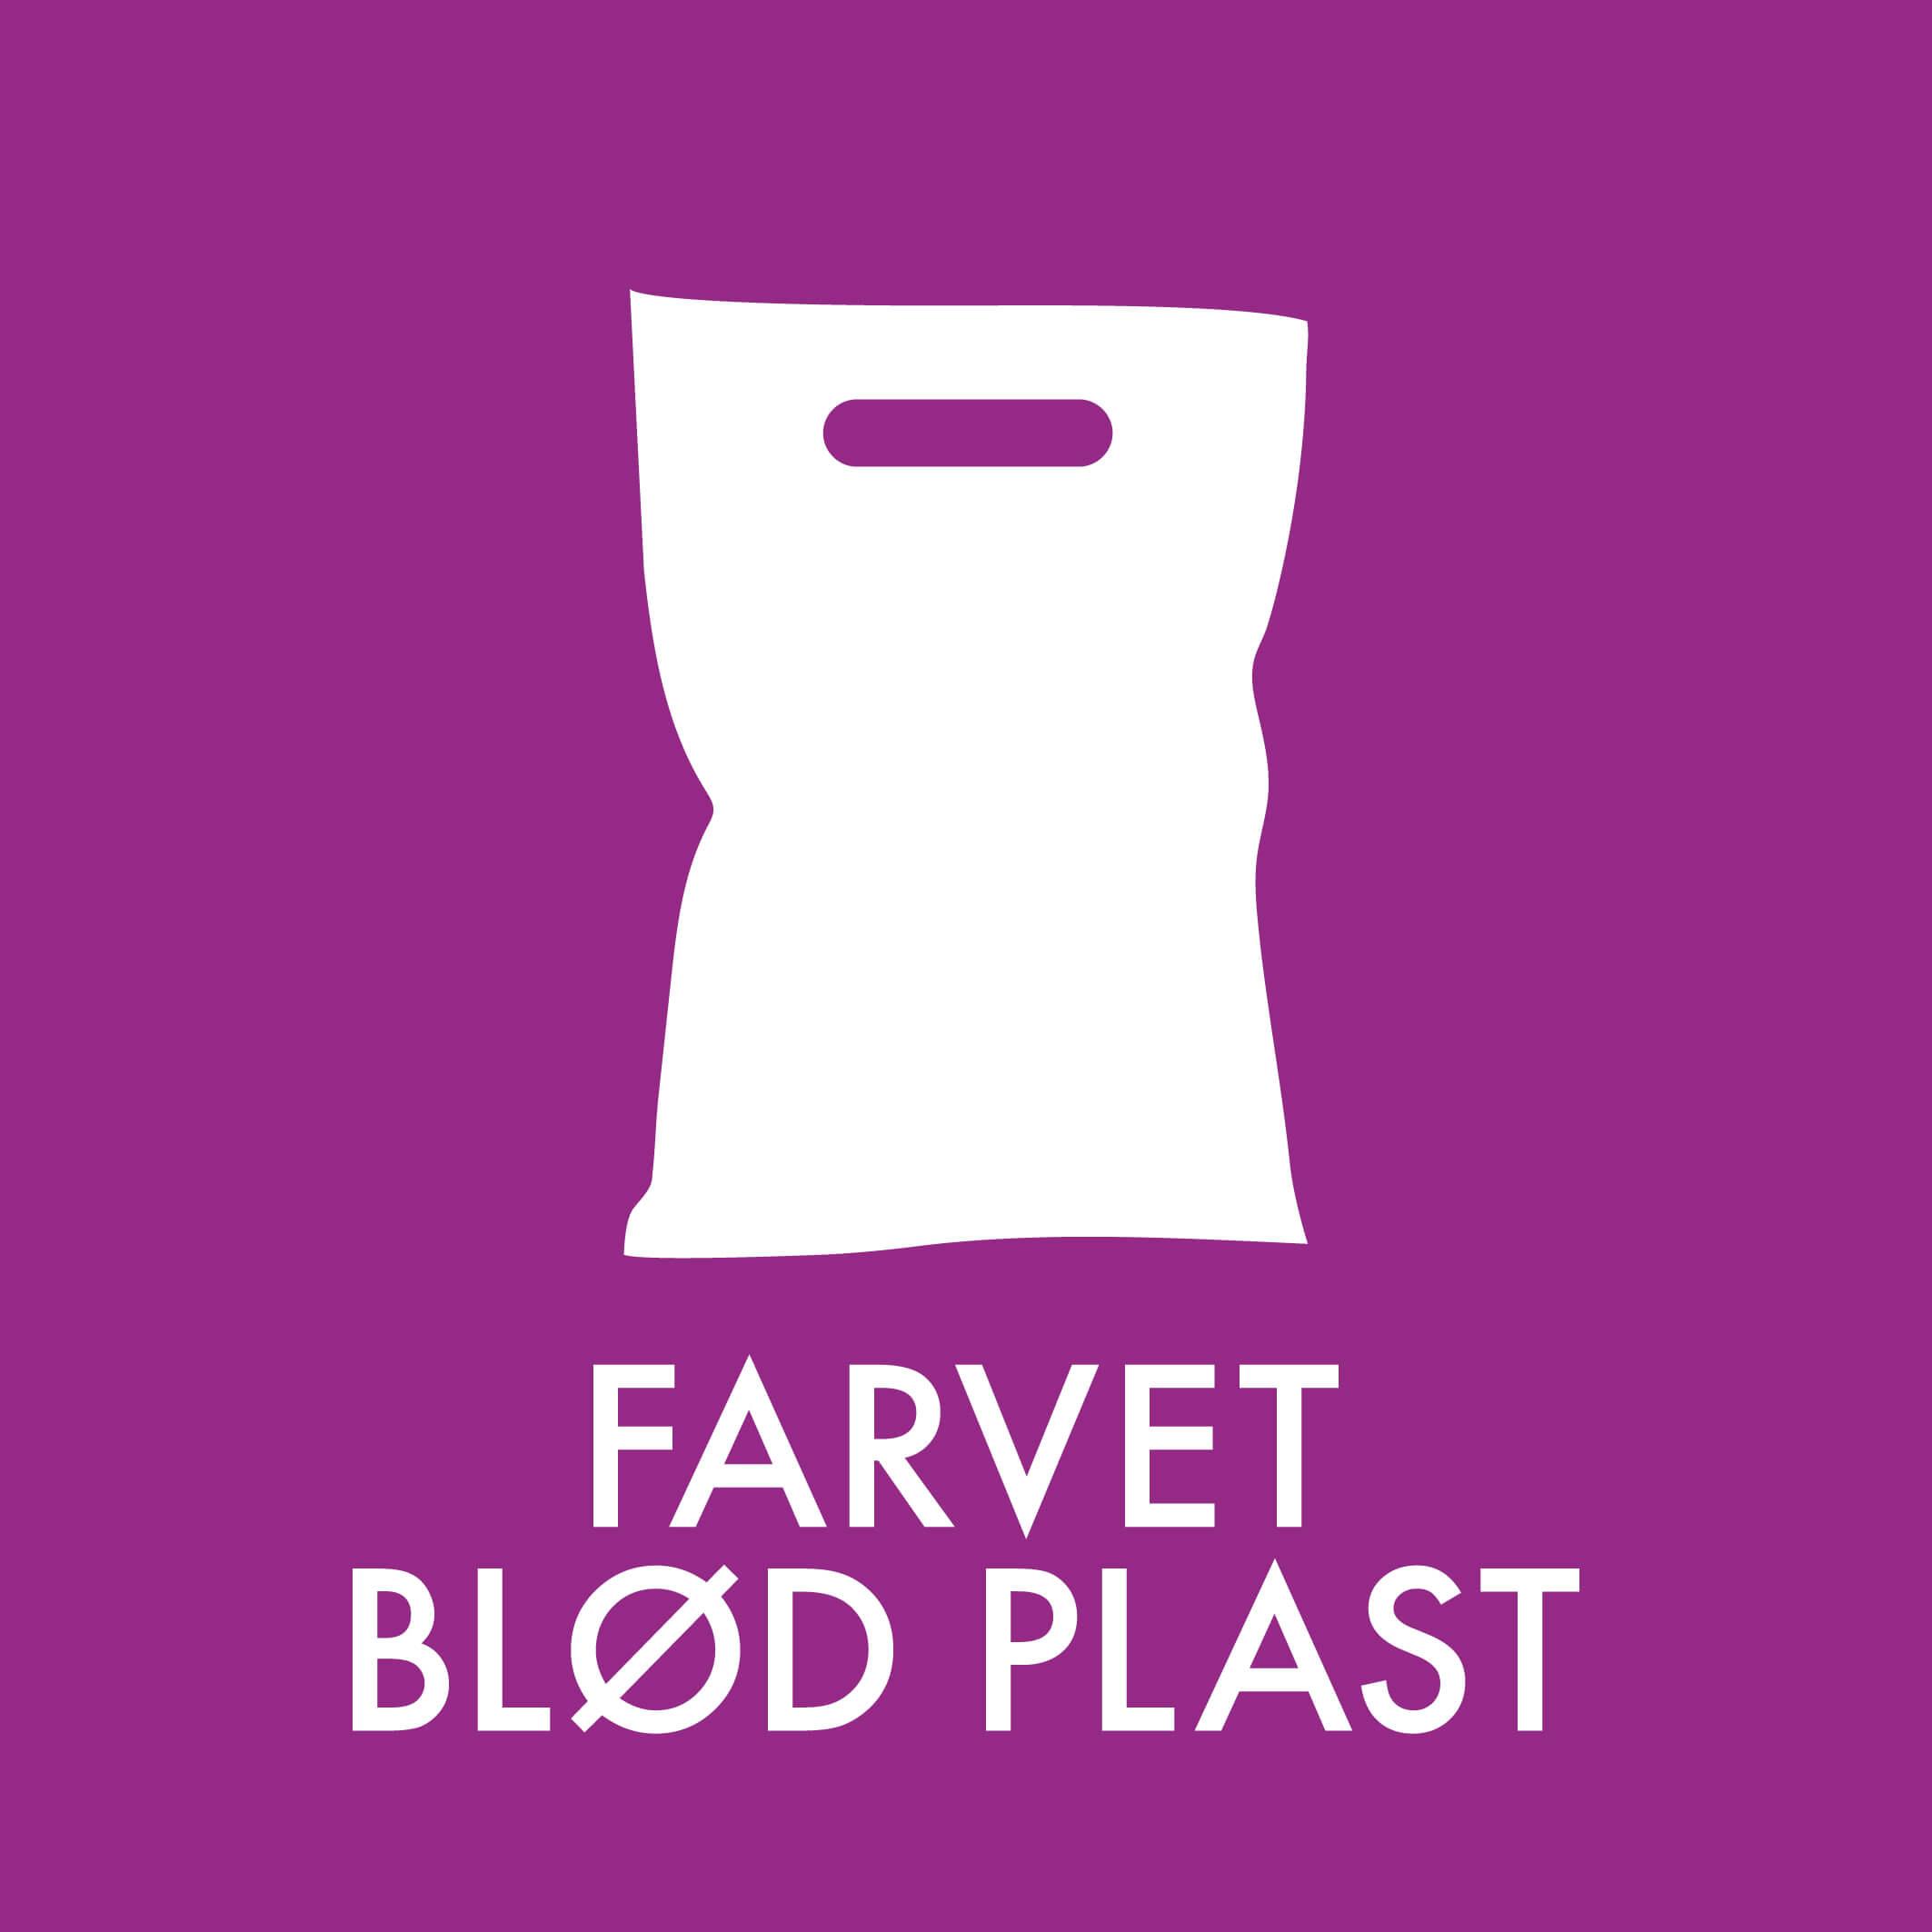 Dansk Affaldssortering - Farvet blød plast